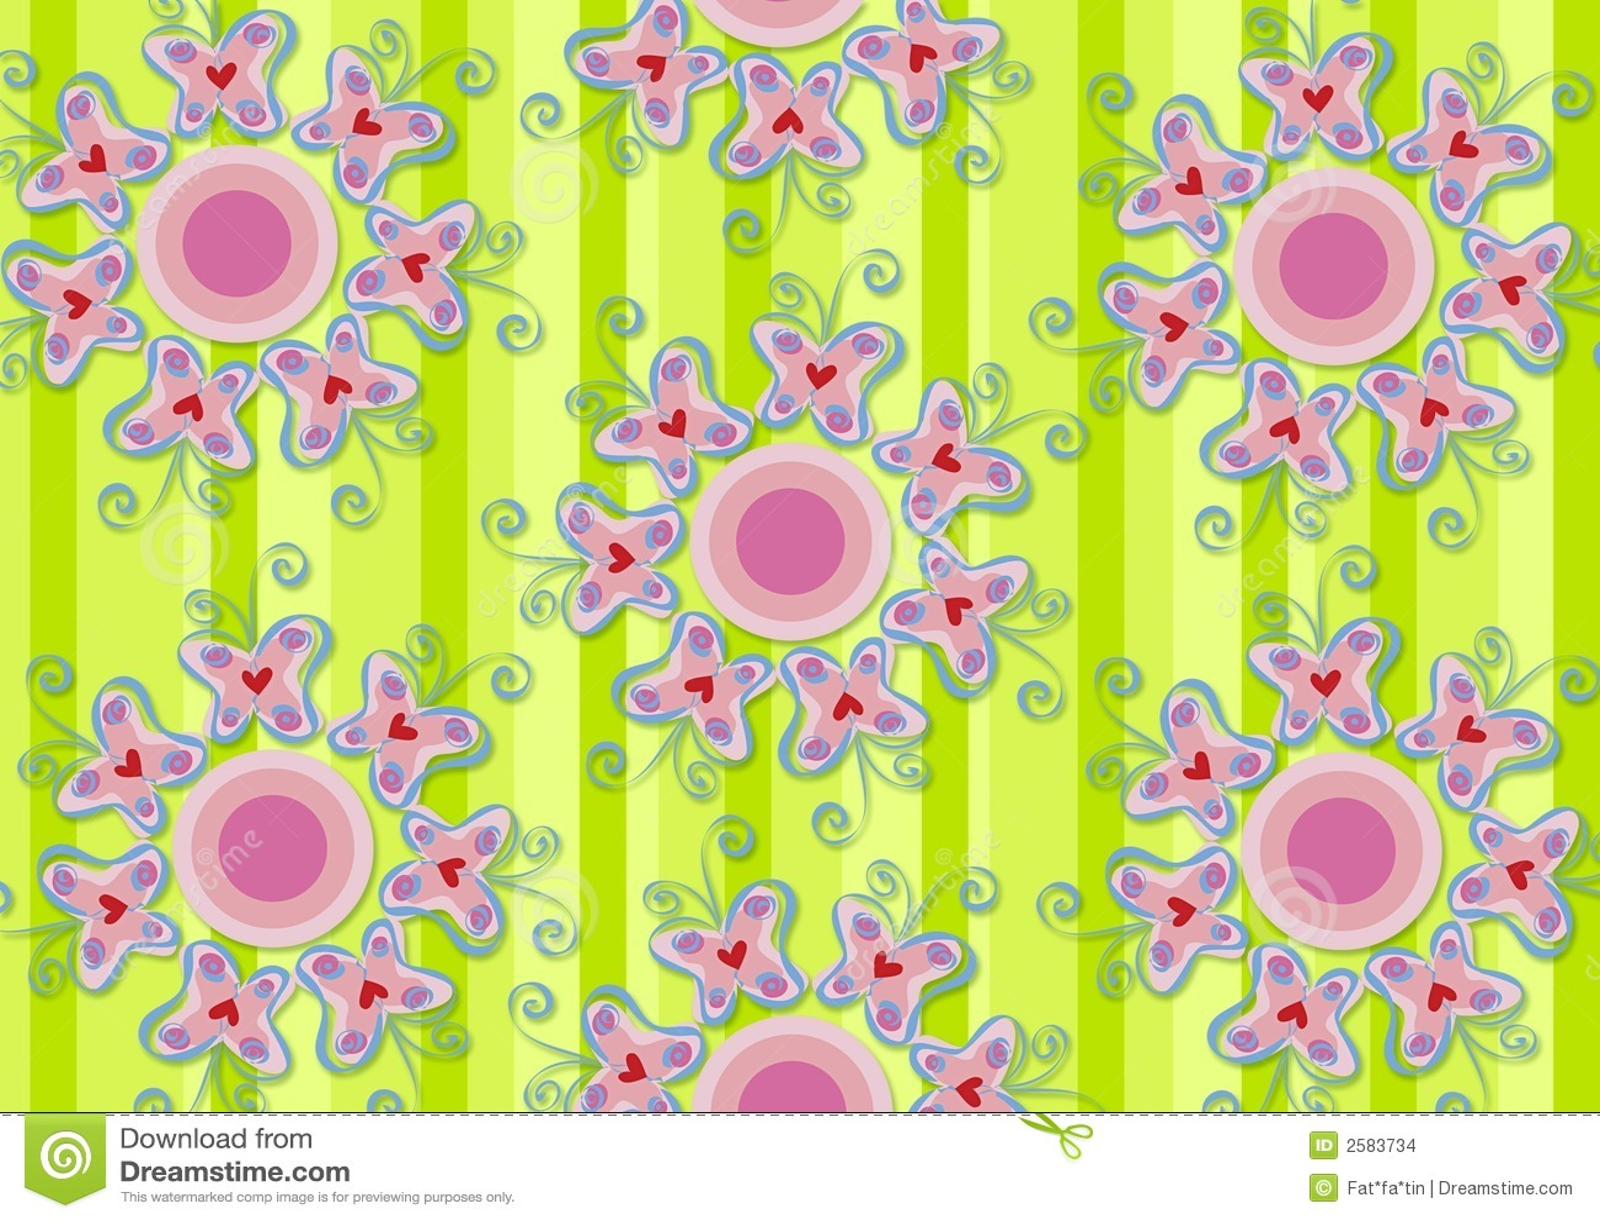 Motyle ogródek uprawiają serce różowy